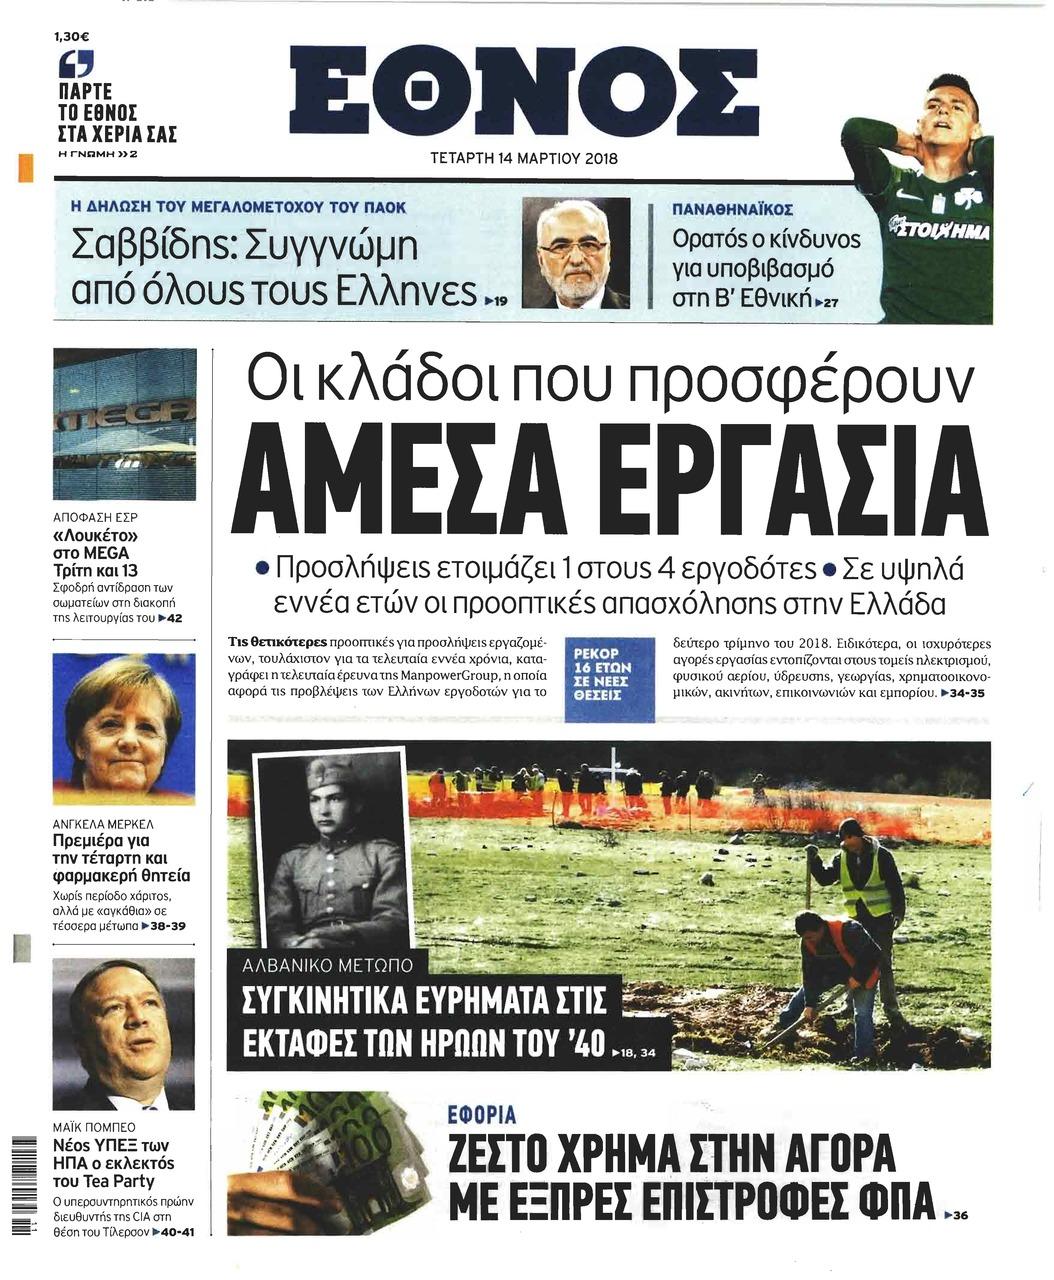 Πρωτοσέλιδο εφημερίδας Έθνος